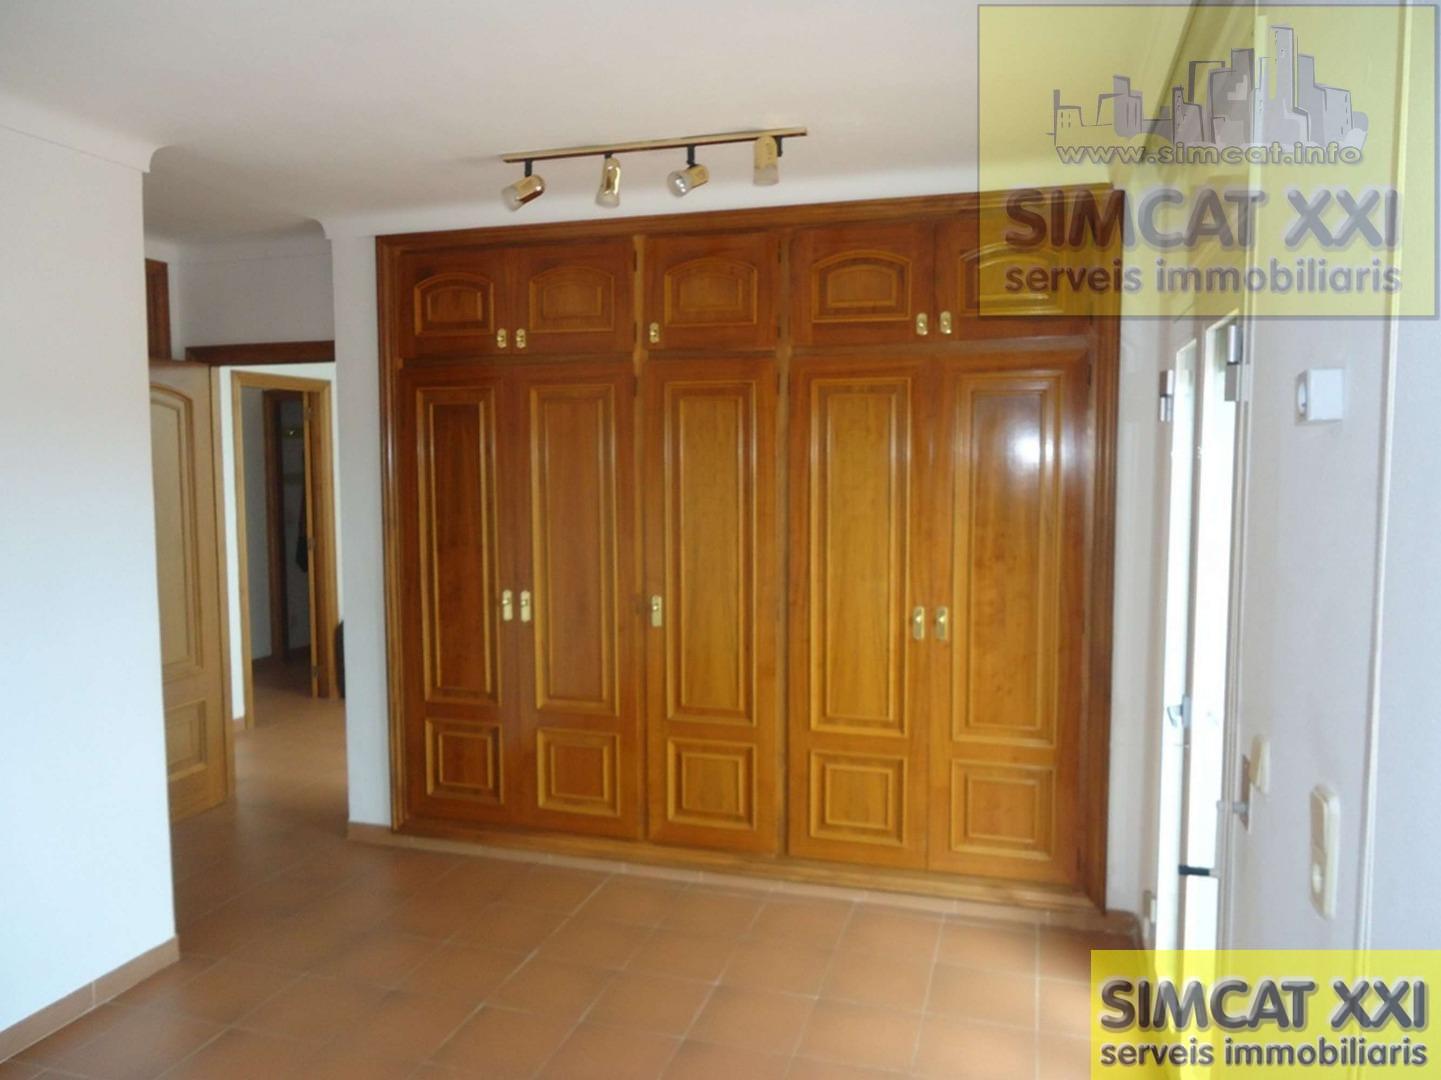 Vente de maison dans Figueres